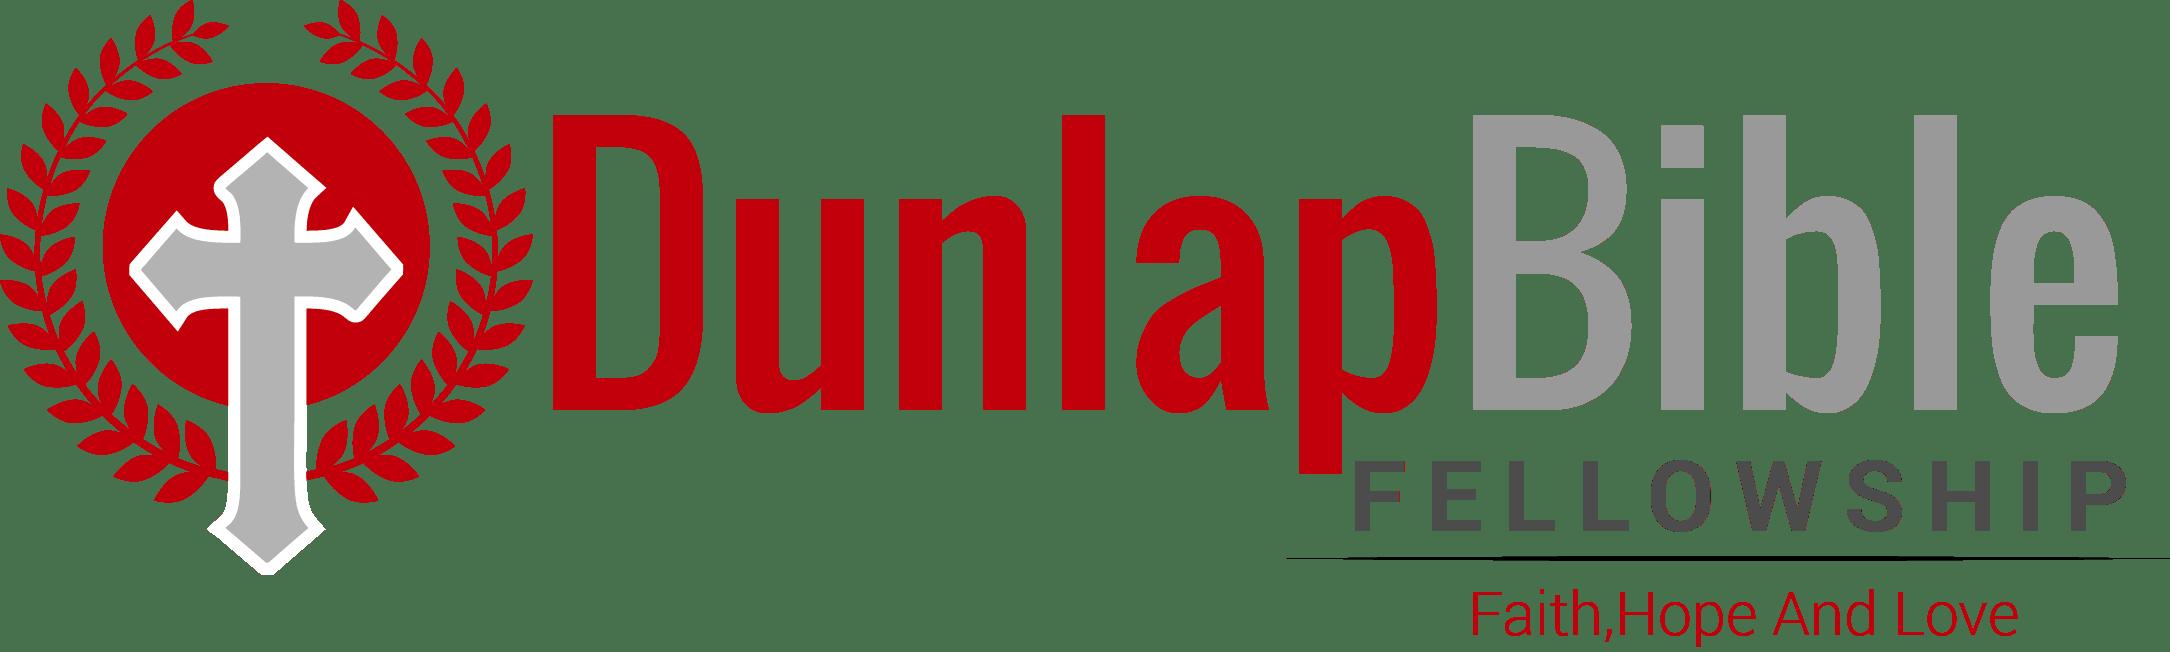 Dunlap Bible Fellowship